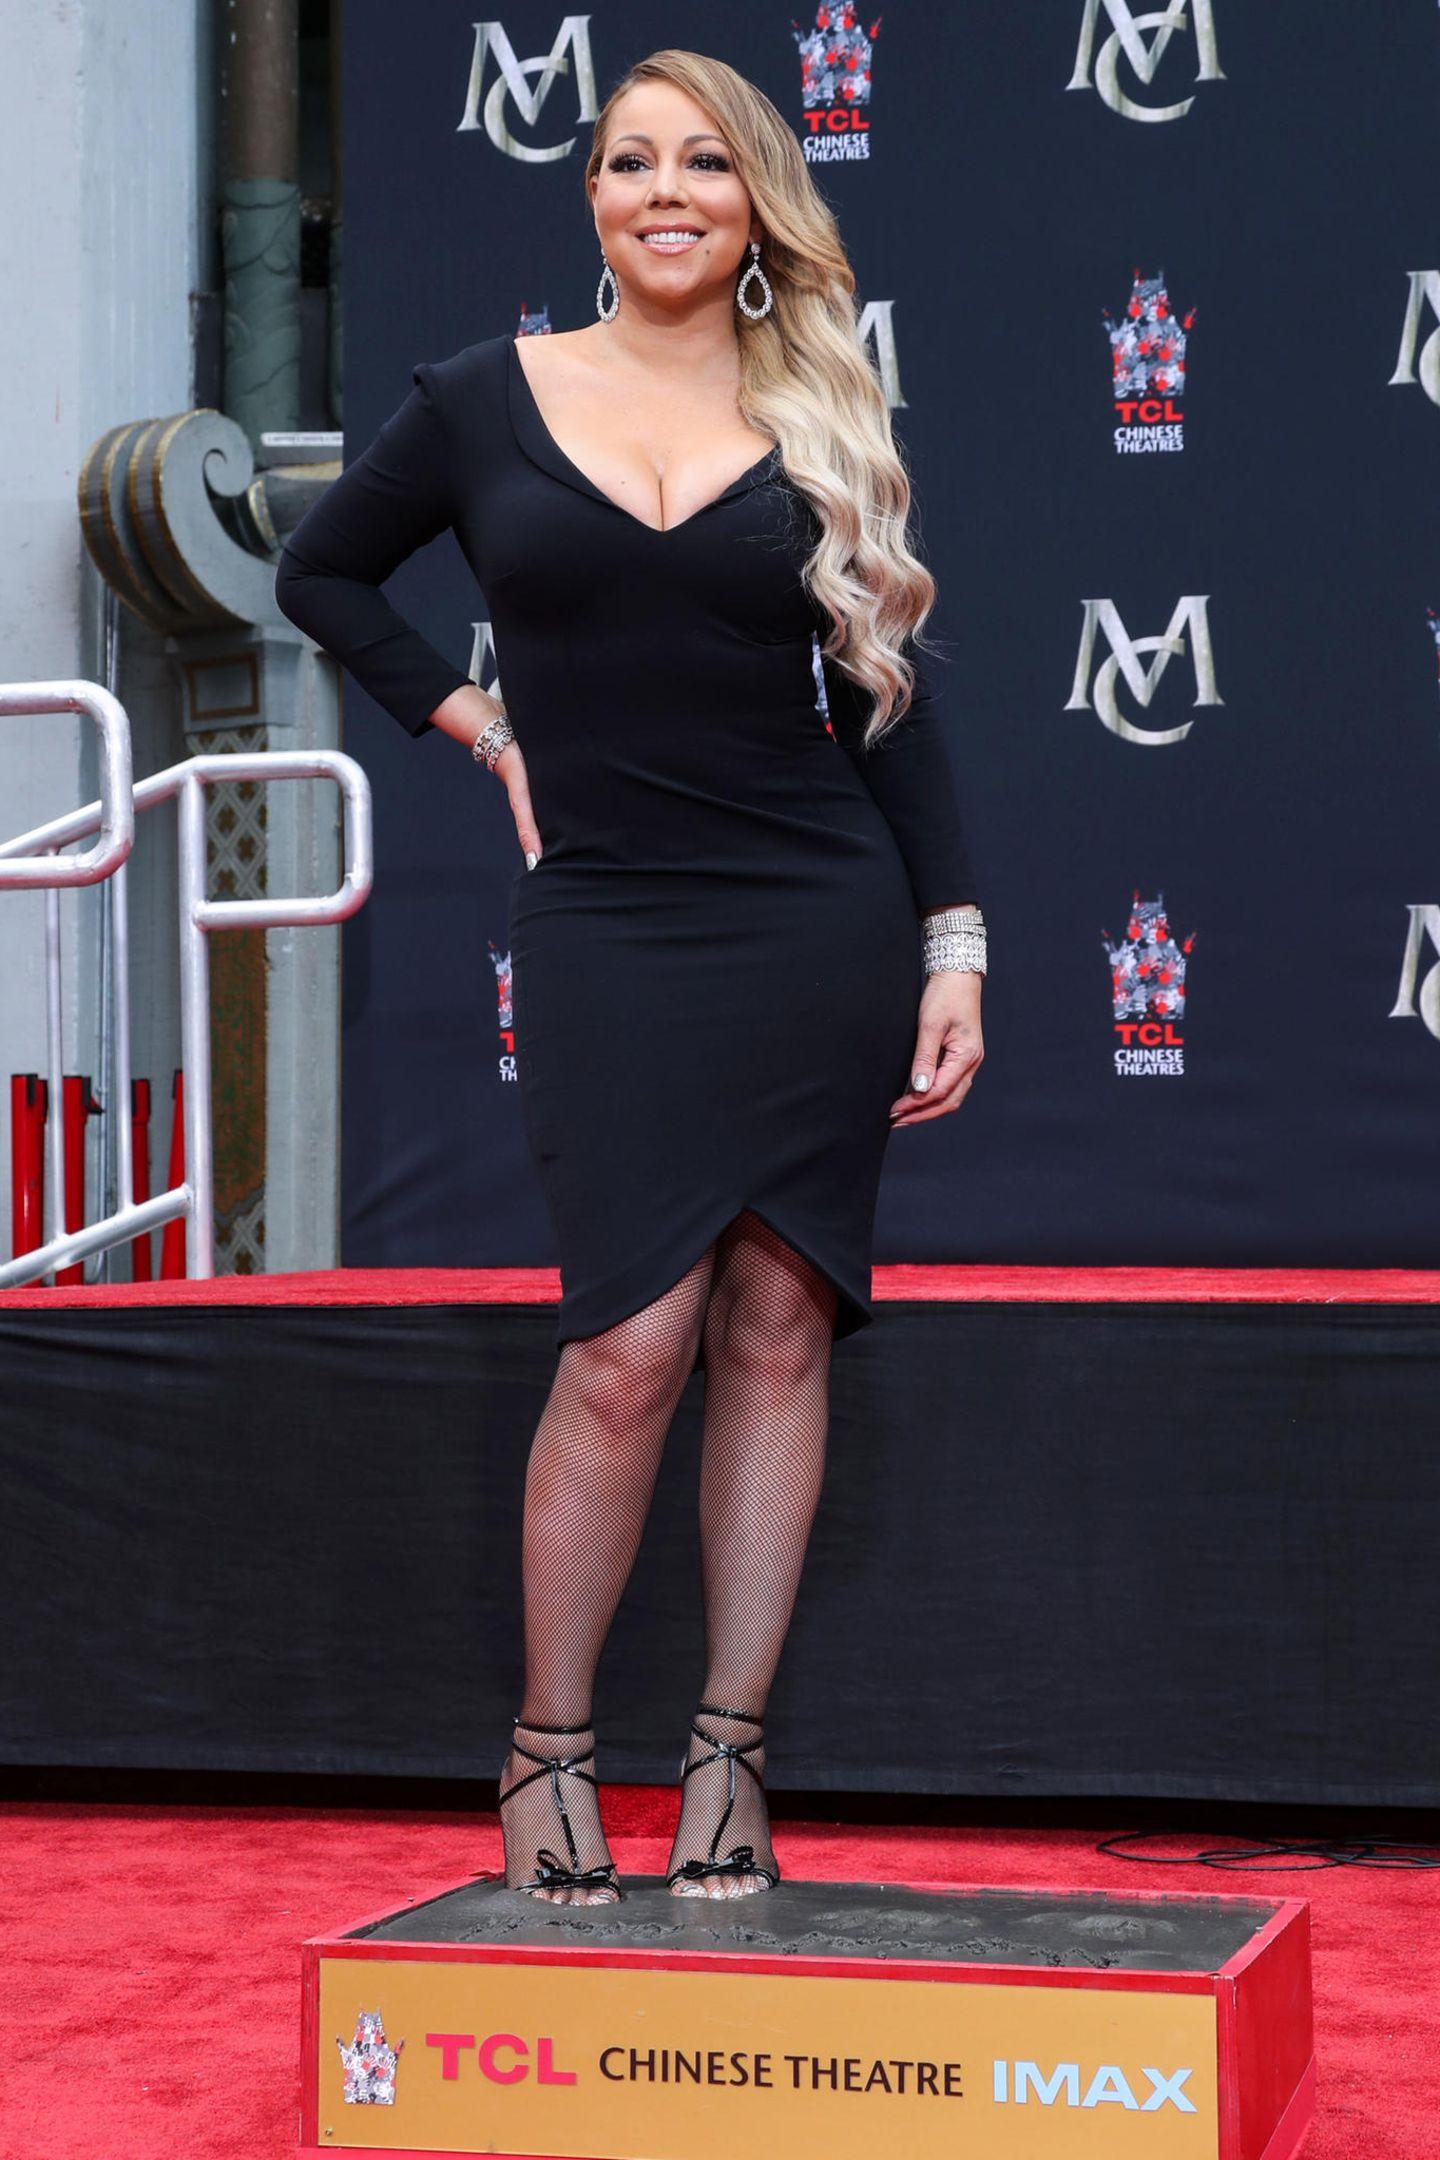 """Mariah Carey zeigt sich in einem knallengen, schwarzen Kleid mit tiefem Ausschnitt und Glitzerklunkern an Ohr und Handgelenken in Los Angeles. Außerdem trägt sie eine Netzstrumpfhose und Riemchen-Heels. Stolz posiert sie für die Fotografen; vor dem """"TLC Chinese Theatre"""" wird sie mit Hand- und Fußabdrücken geehrt."""